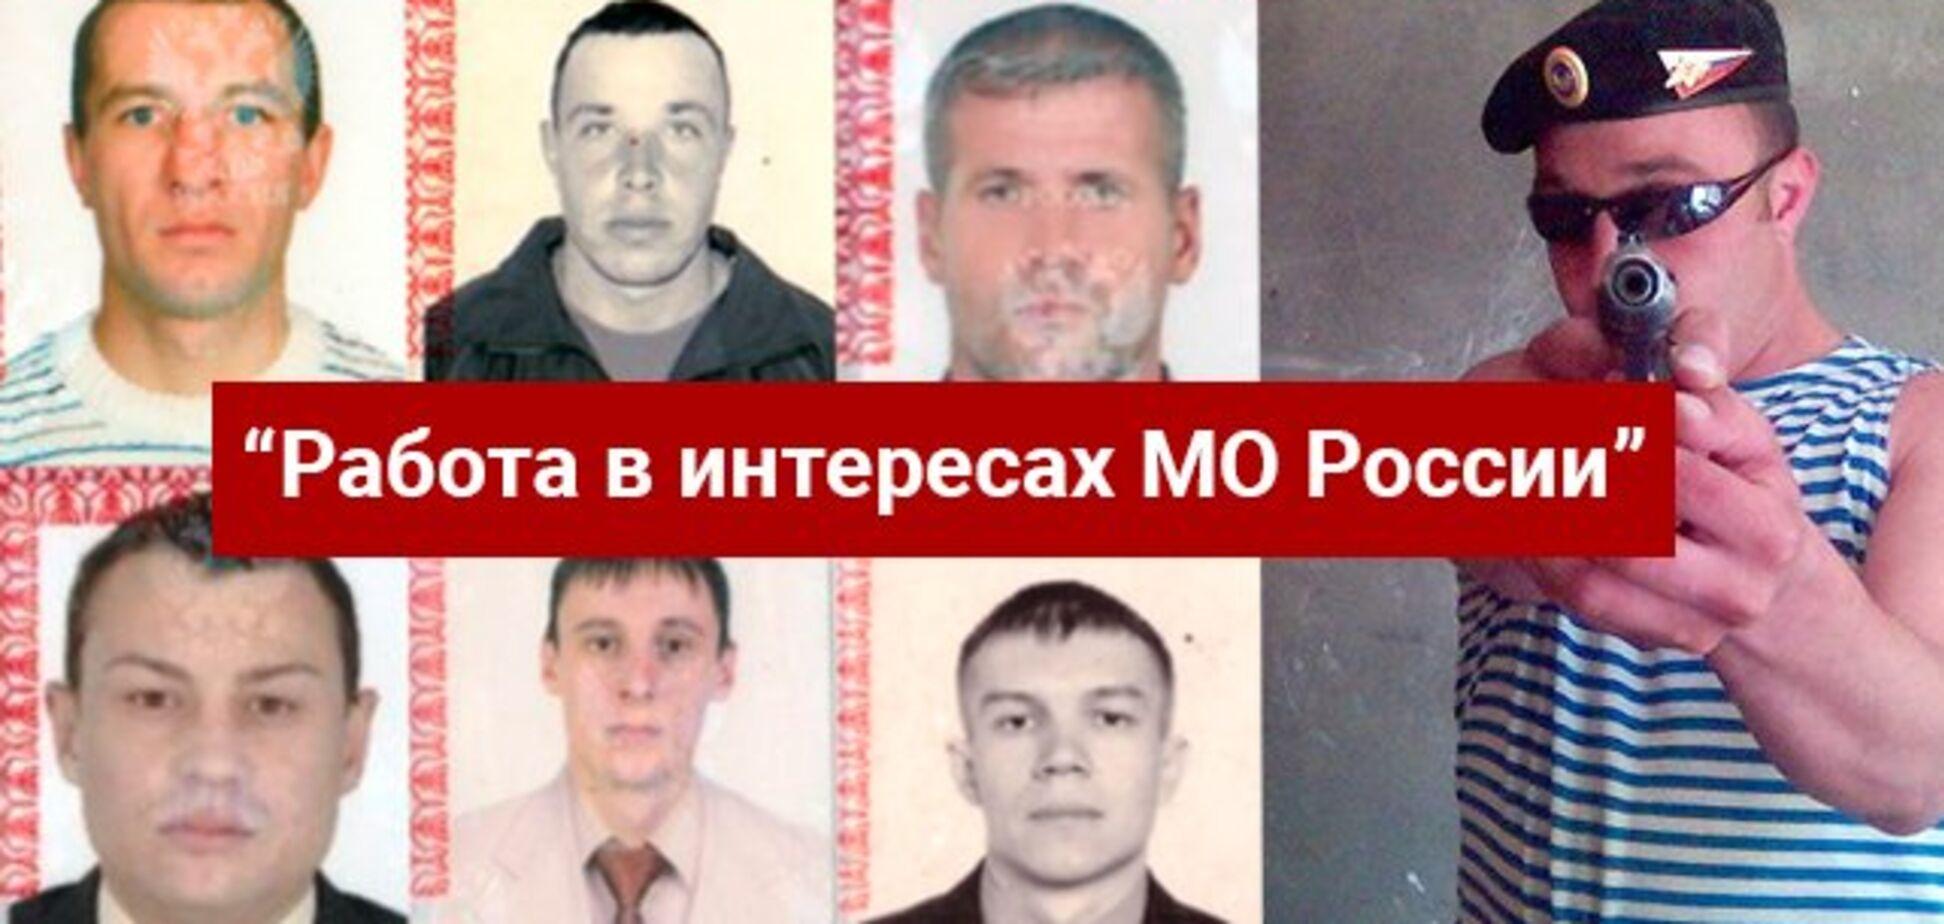 Збили Іл-76 на Донбасі: оприлюднені паспорти військових ГРУ з ПВК ''Вагнера''